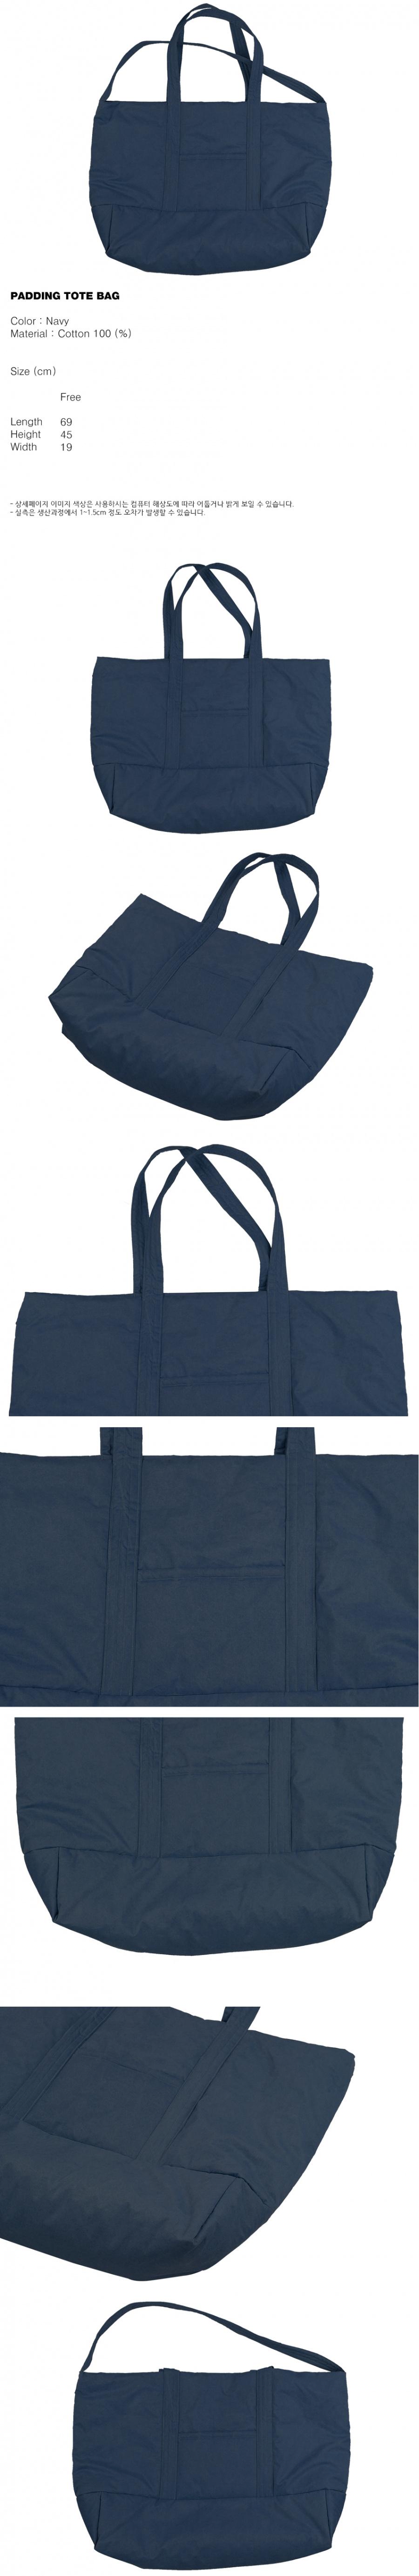 아조바이아조 오리지널 라벨(AJOBYAJO ORIGINAL LABEL) Padding Tote Bag [Navy]